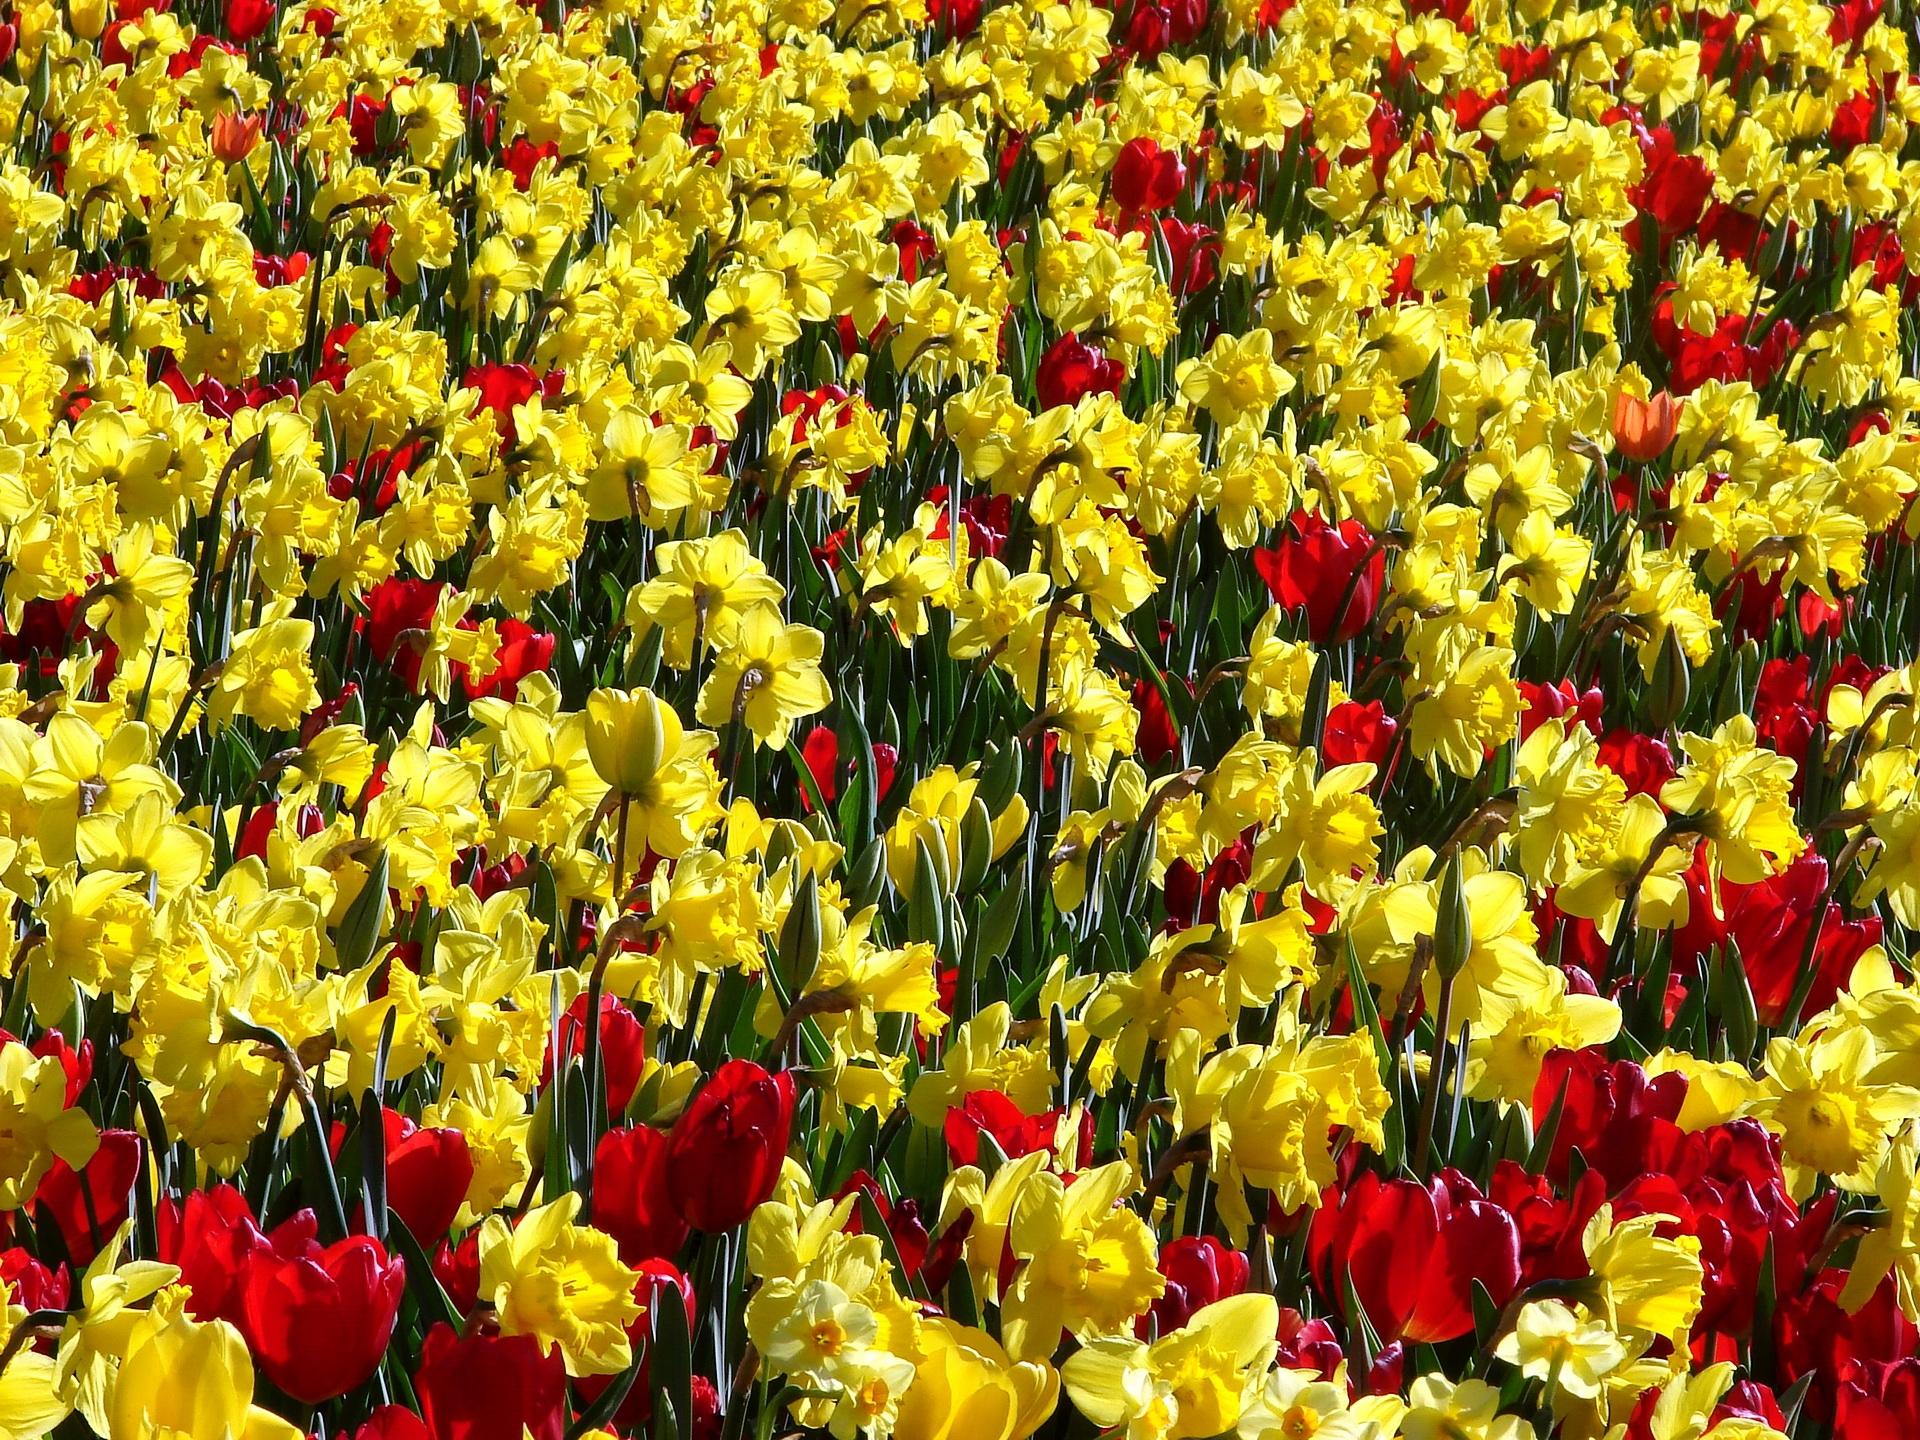 88889 Заставки и Обои Нарциссы на телефон. Скачать Цветы, Тюльпаны, Нарциссы, Позитив, Ярко, Солнечно картинки бесплатно